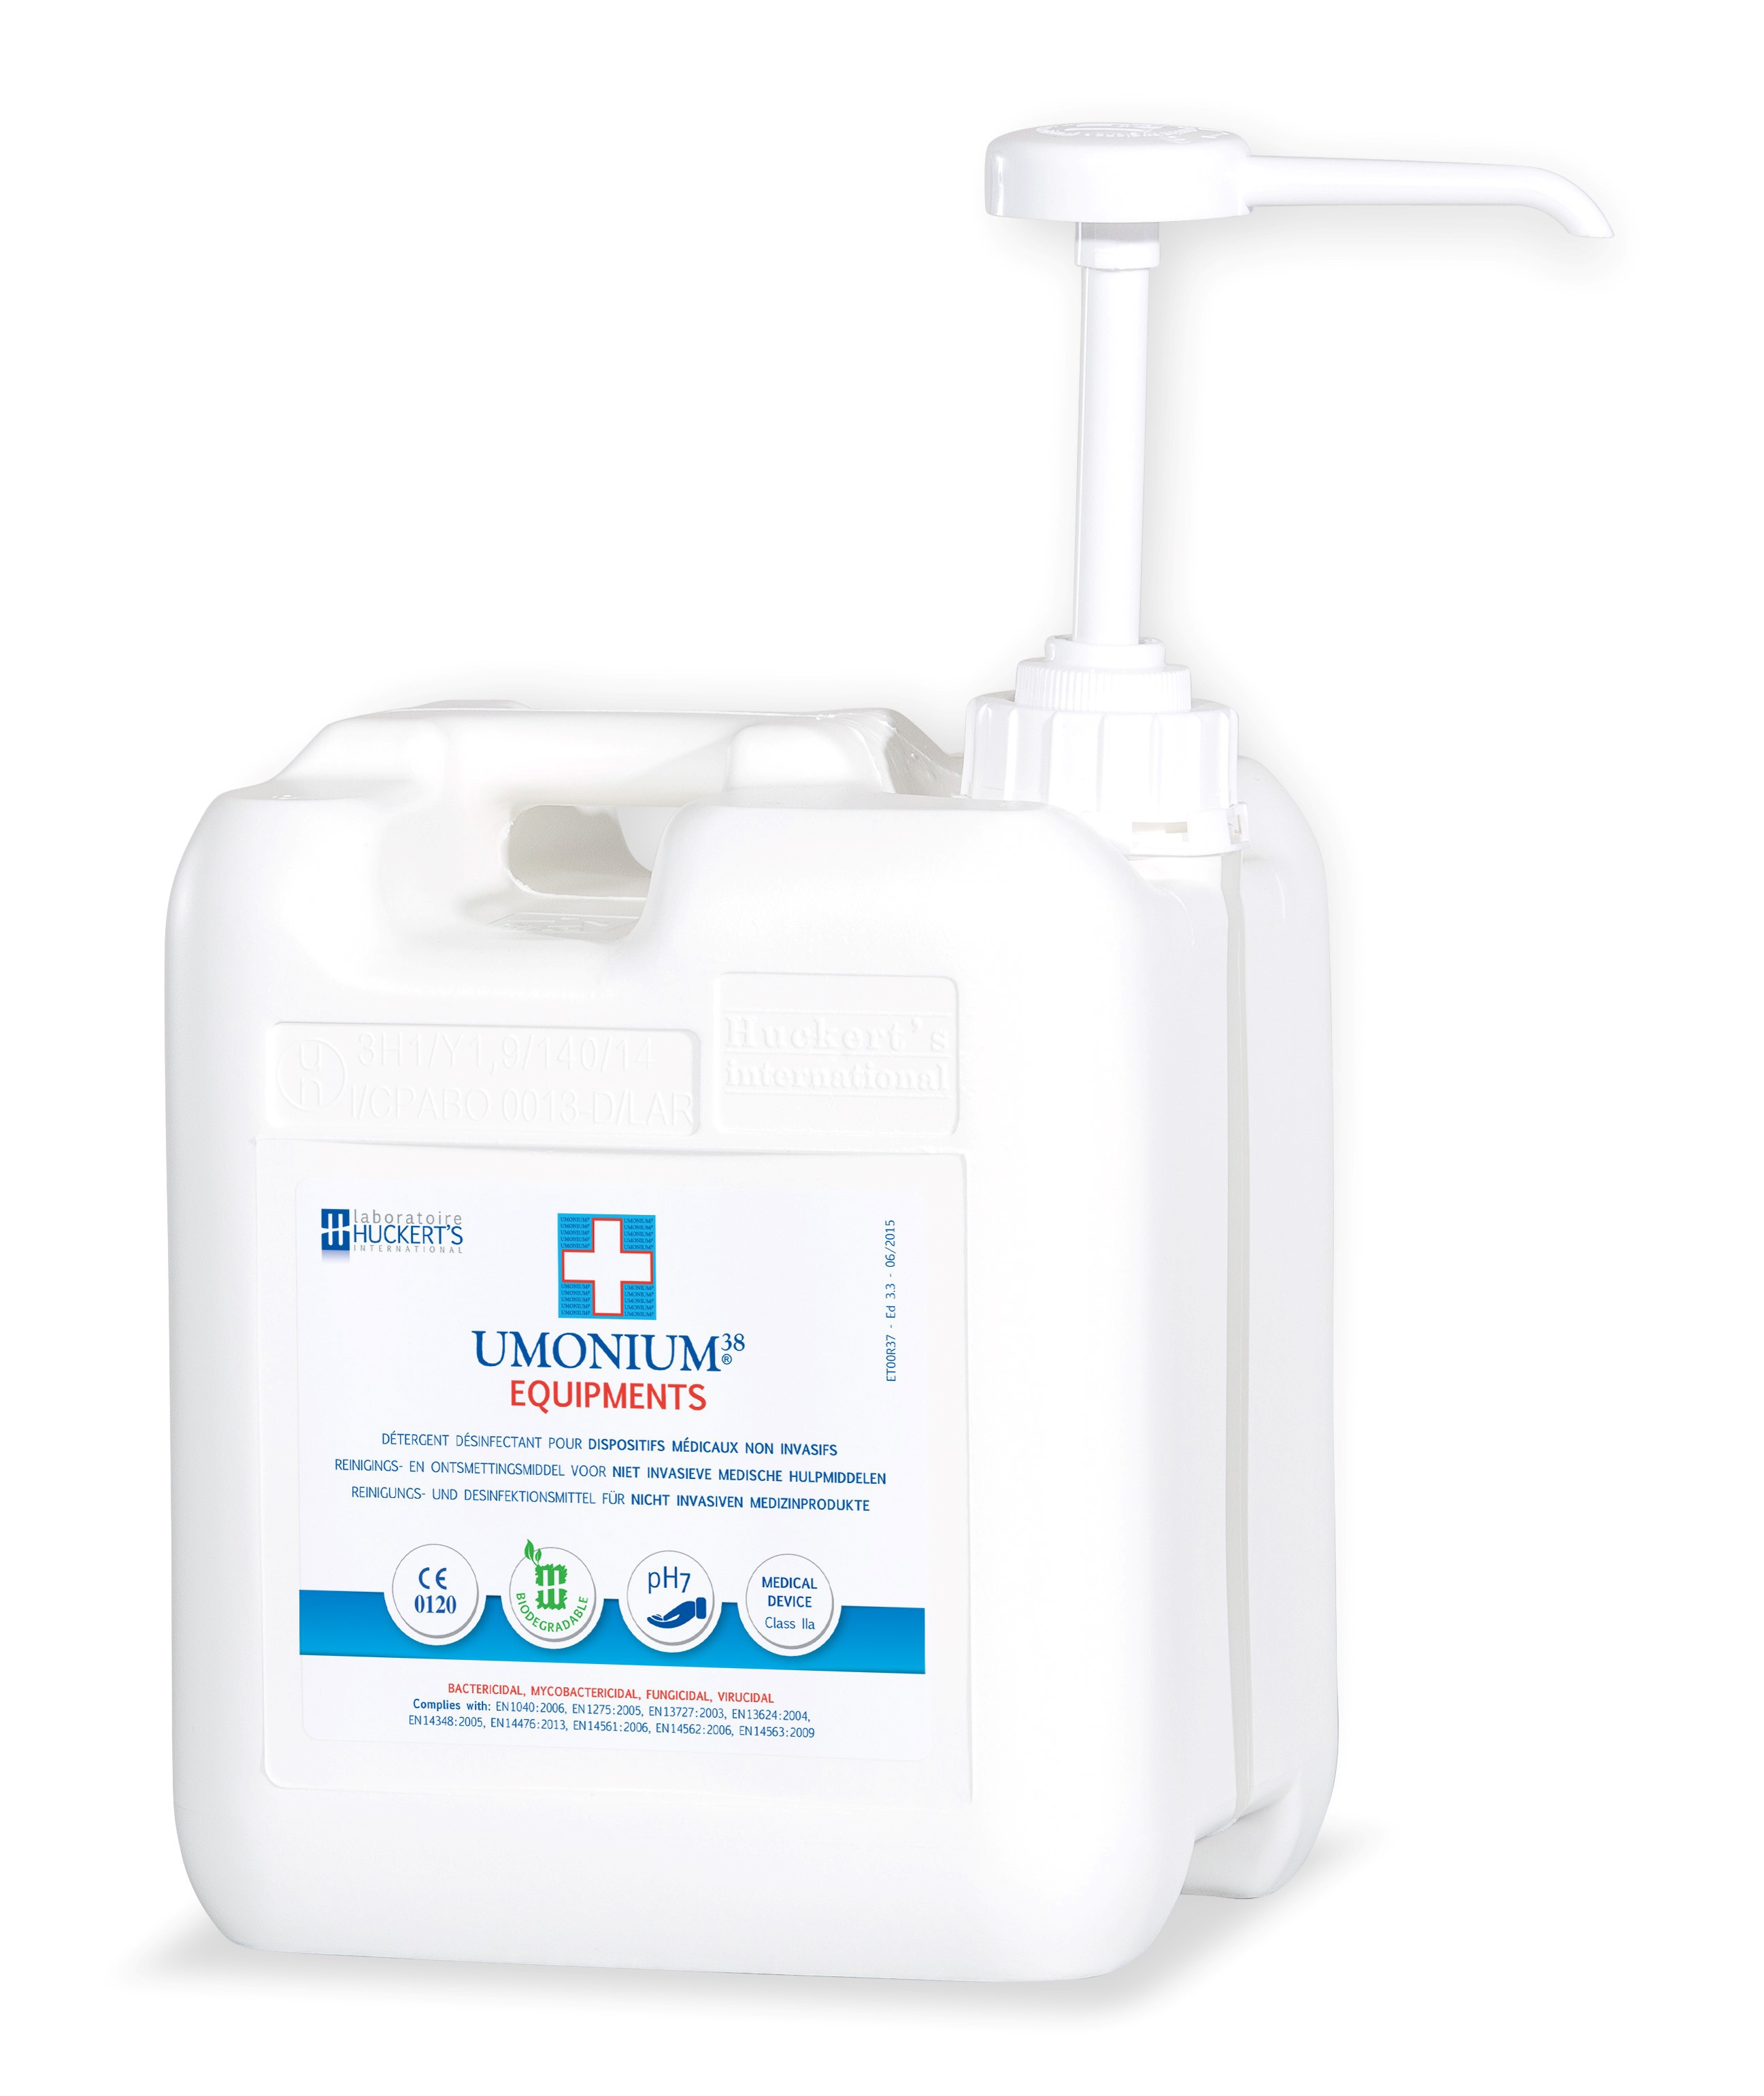 Umonium equipments 5 liter